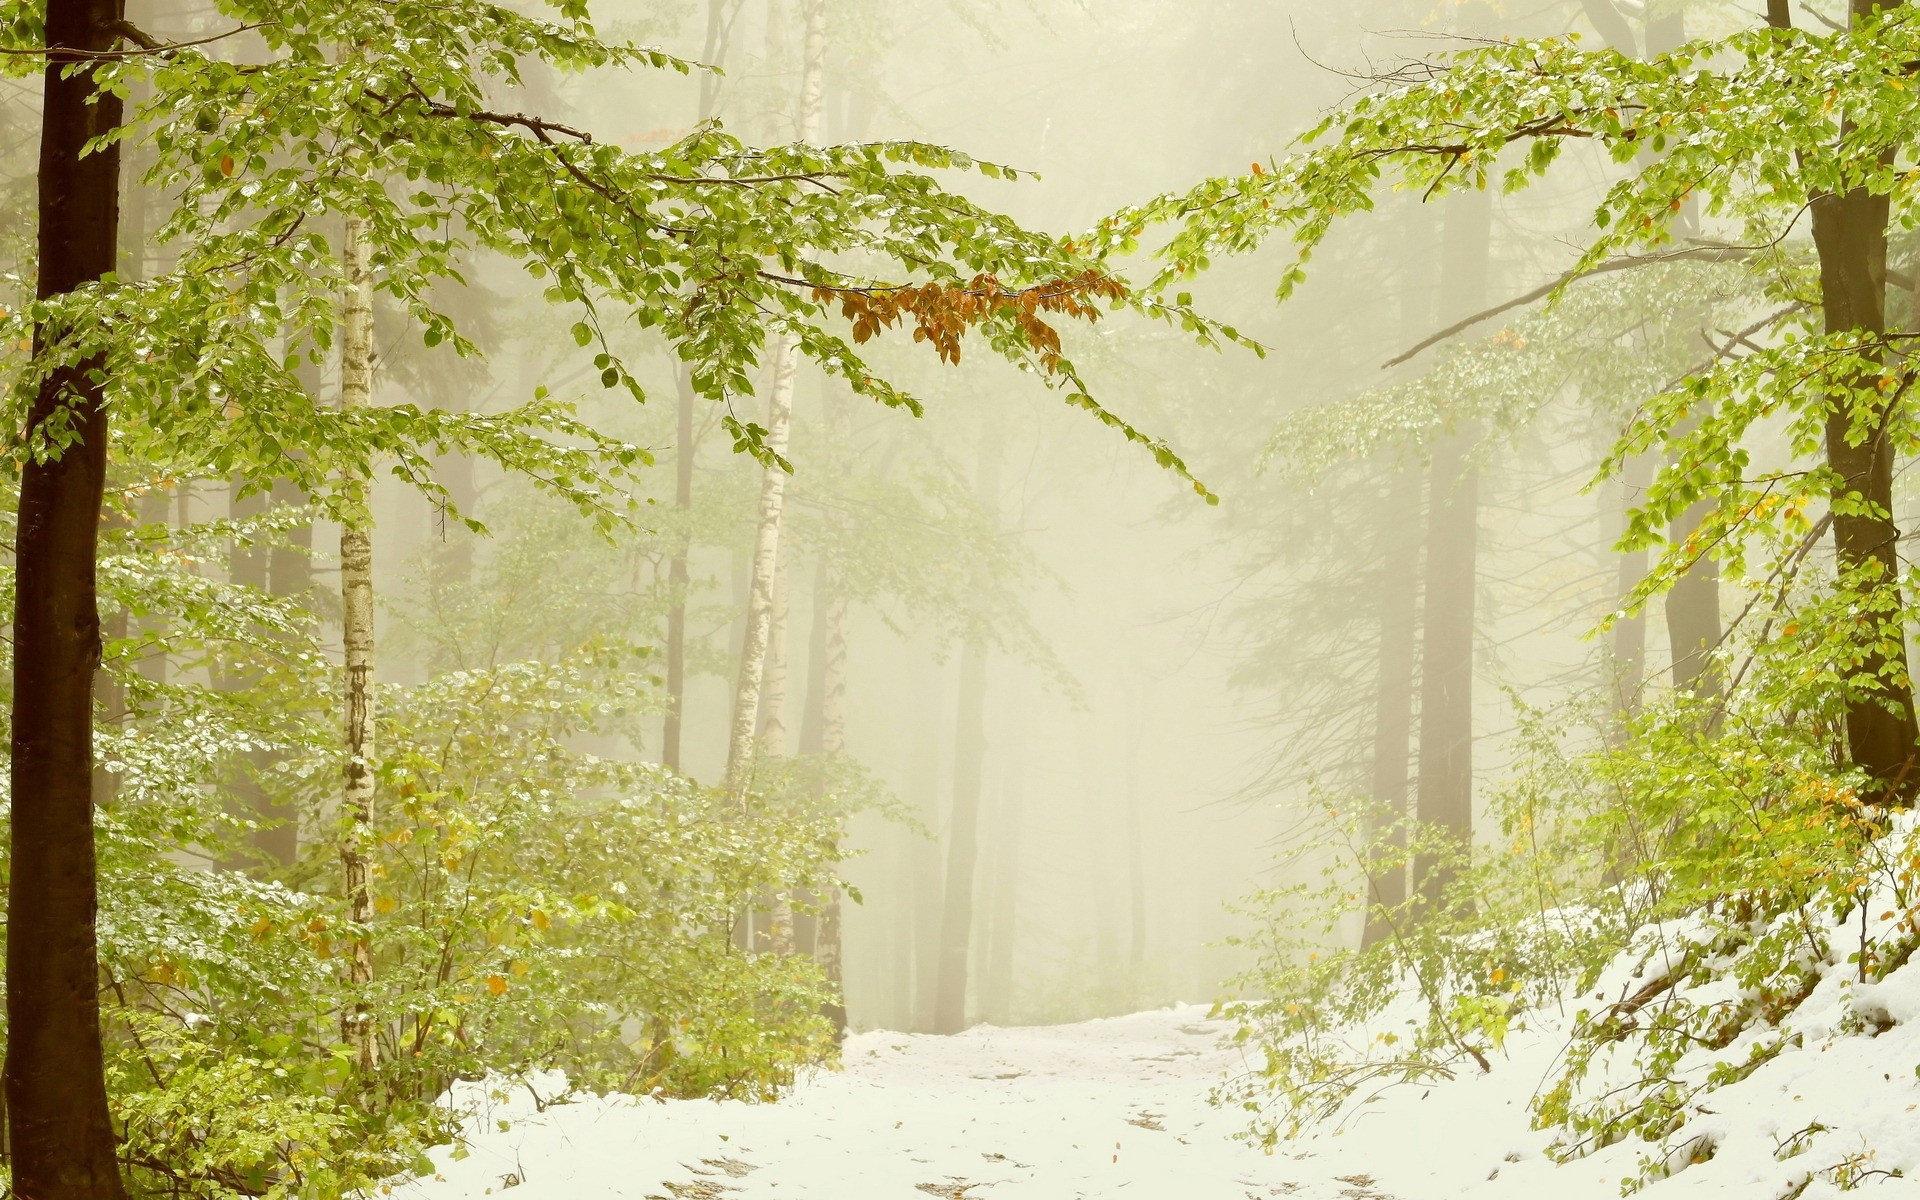 冬季雪景桌面壁纸]全屏雪景动态壁纸